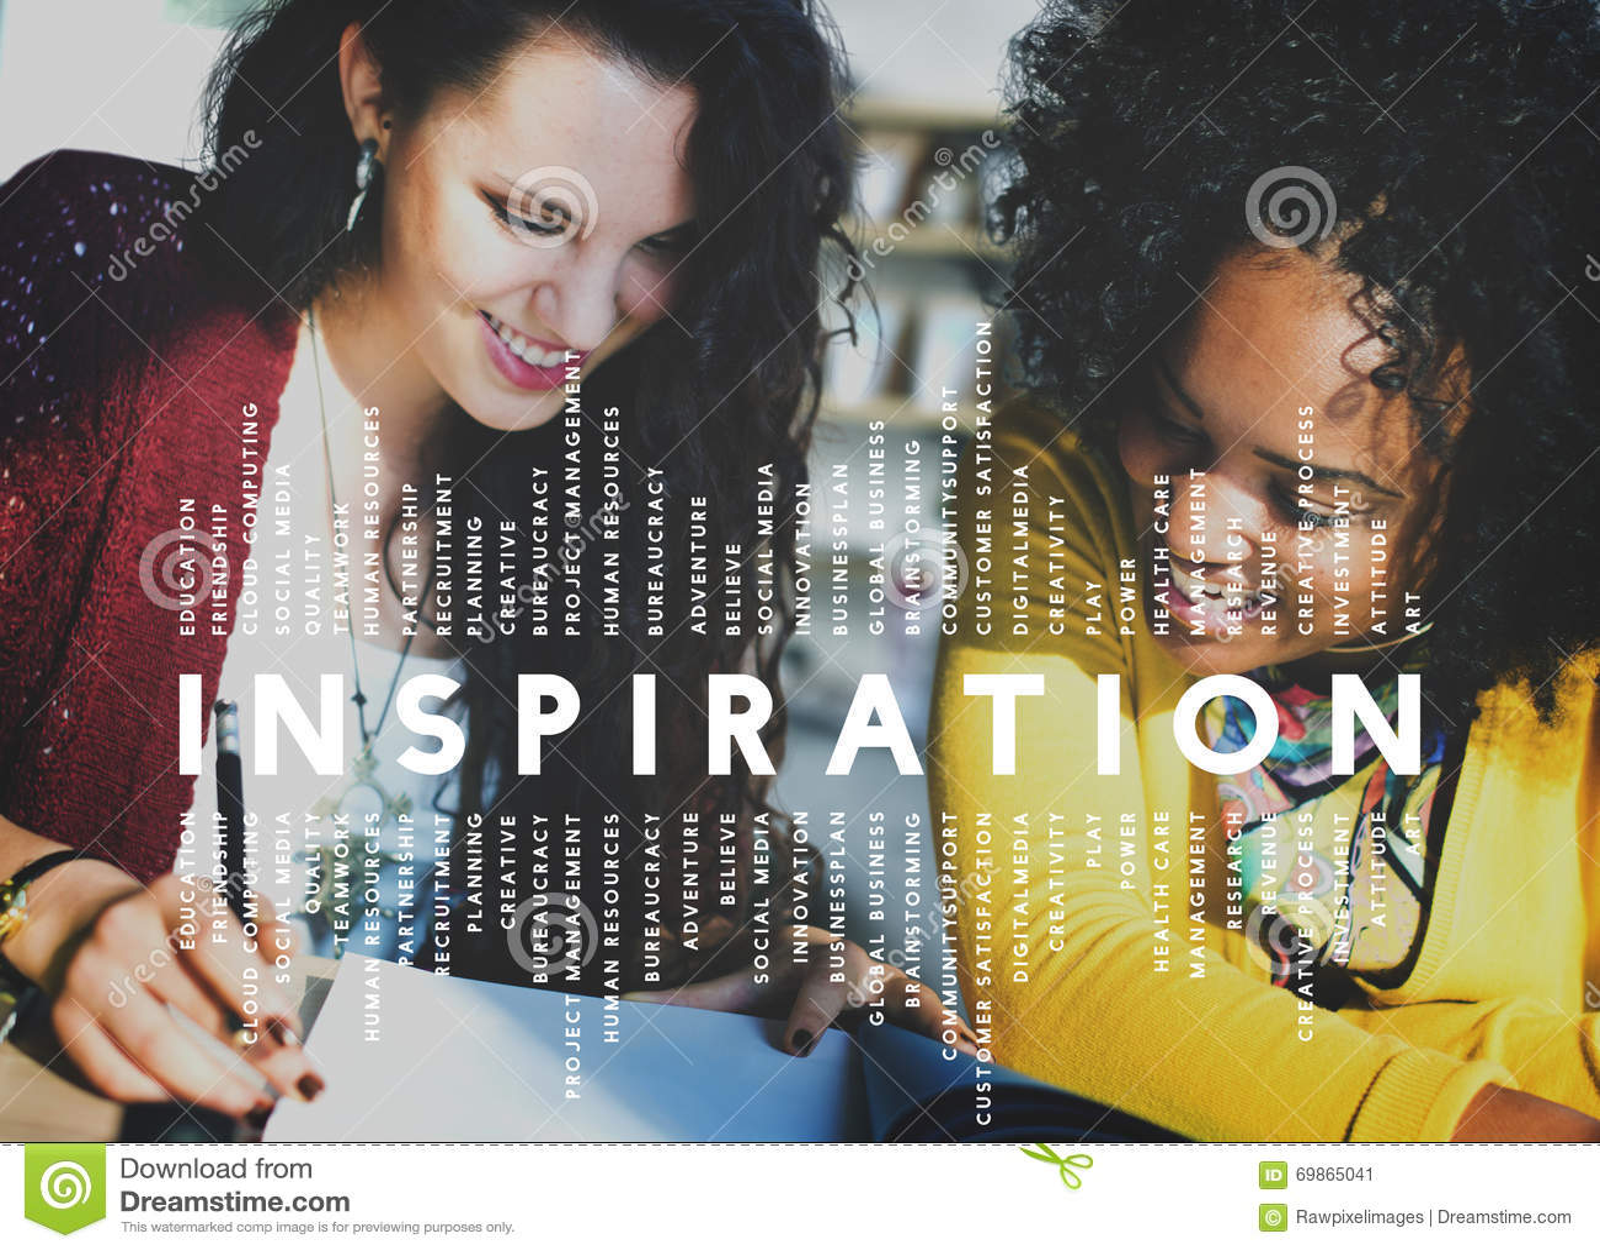 Inspirations-Aspirations-Fantasie spornen Traumkonzept an